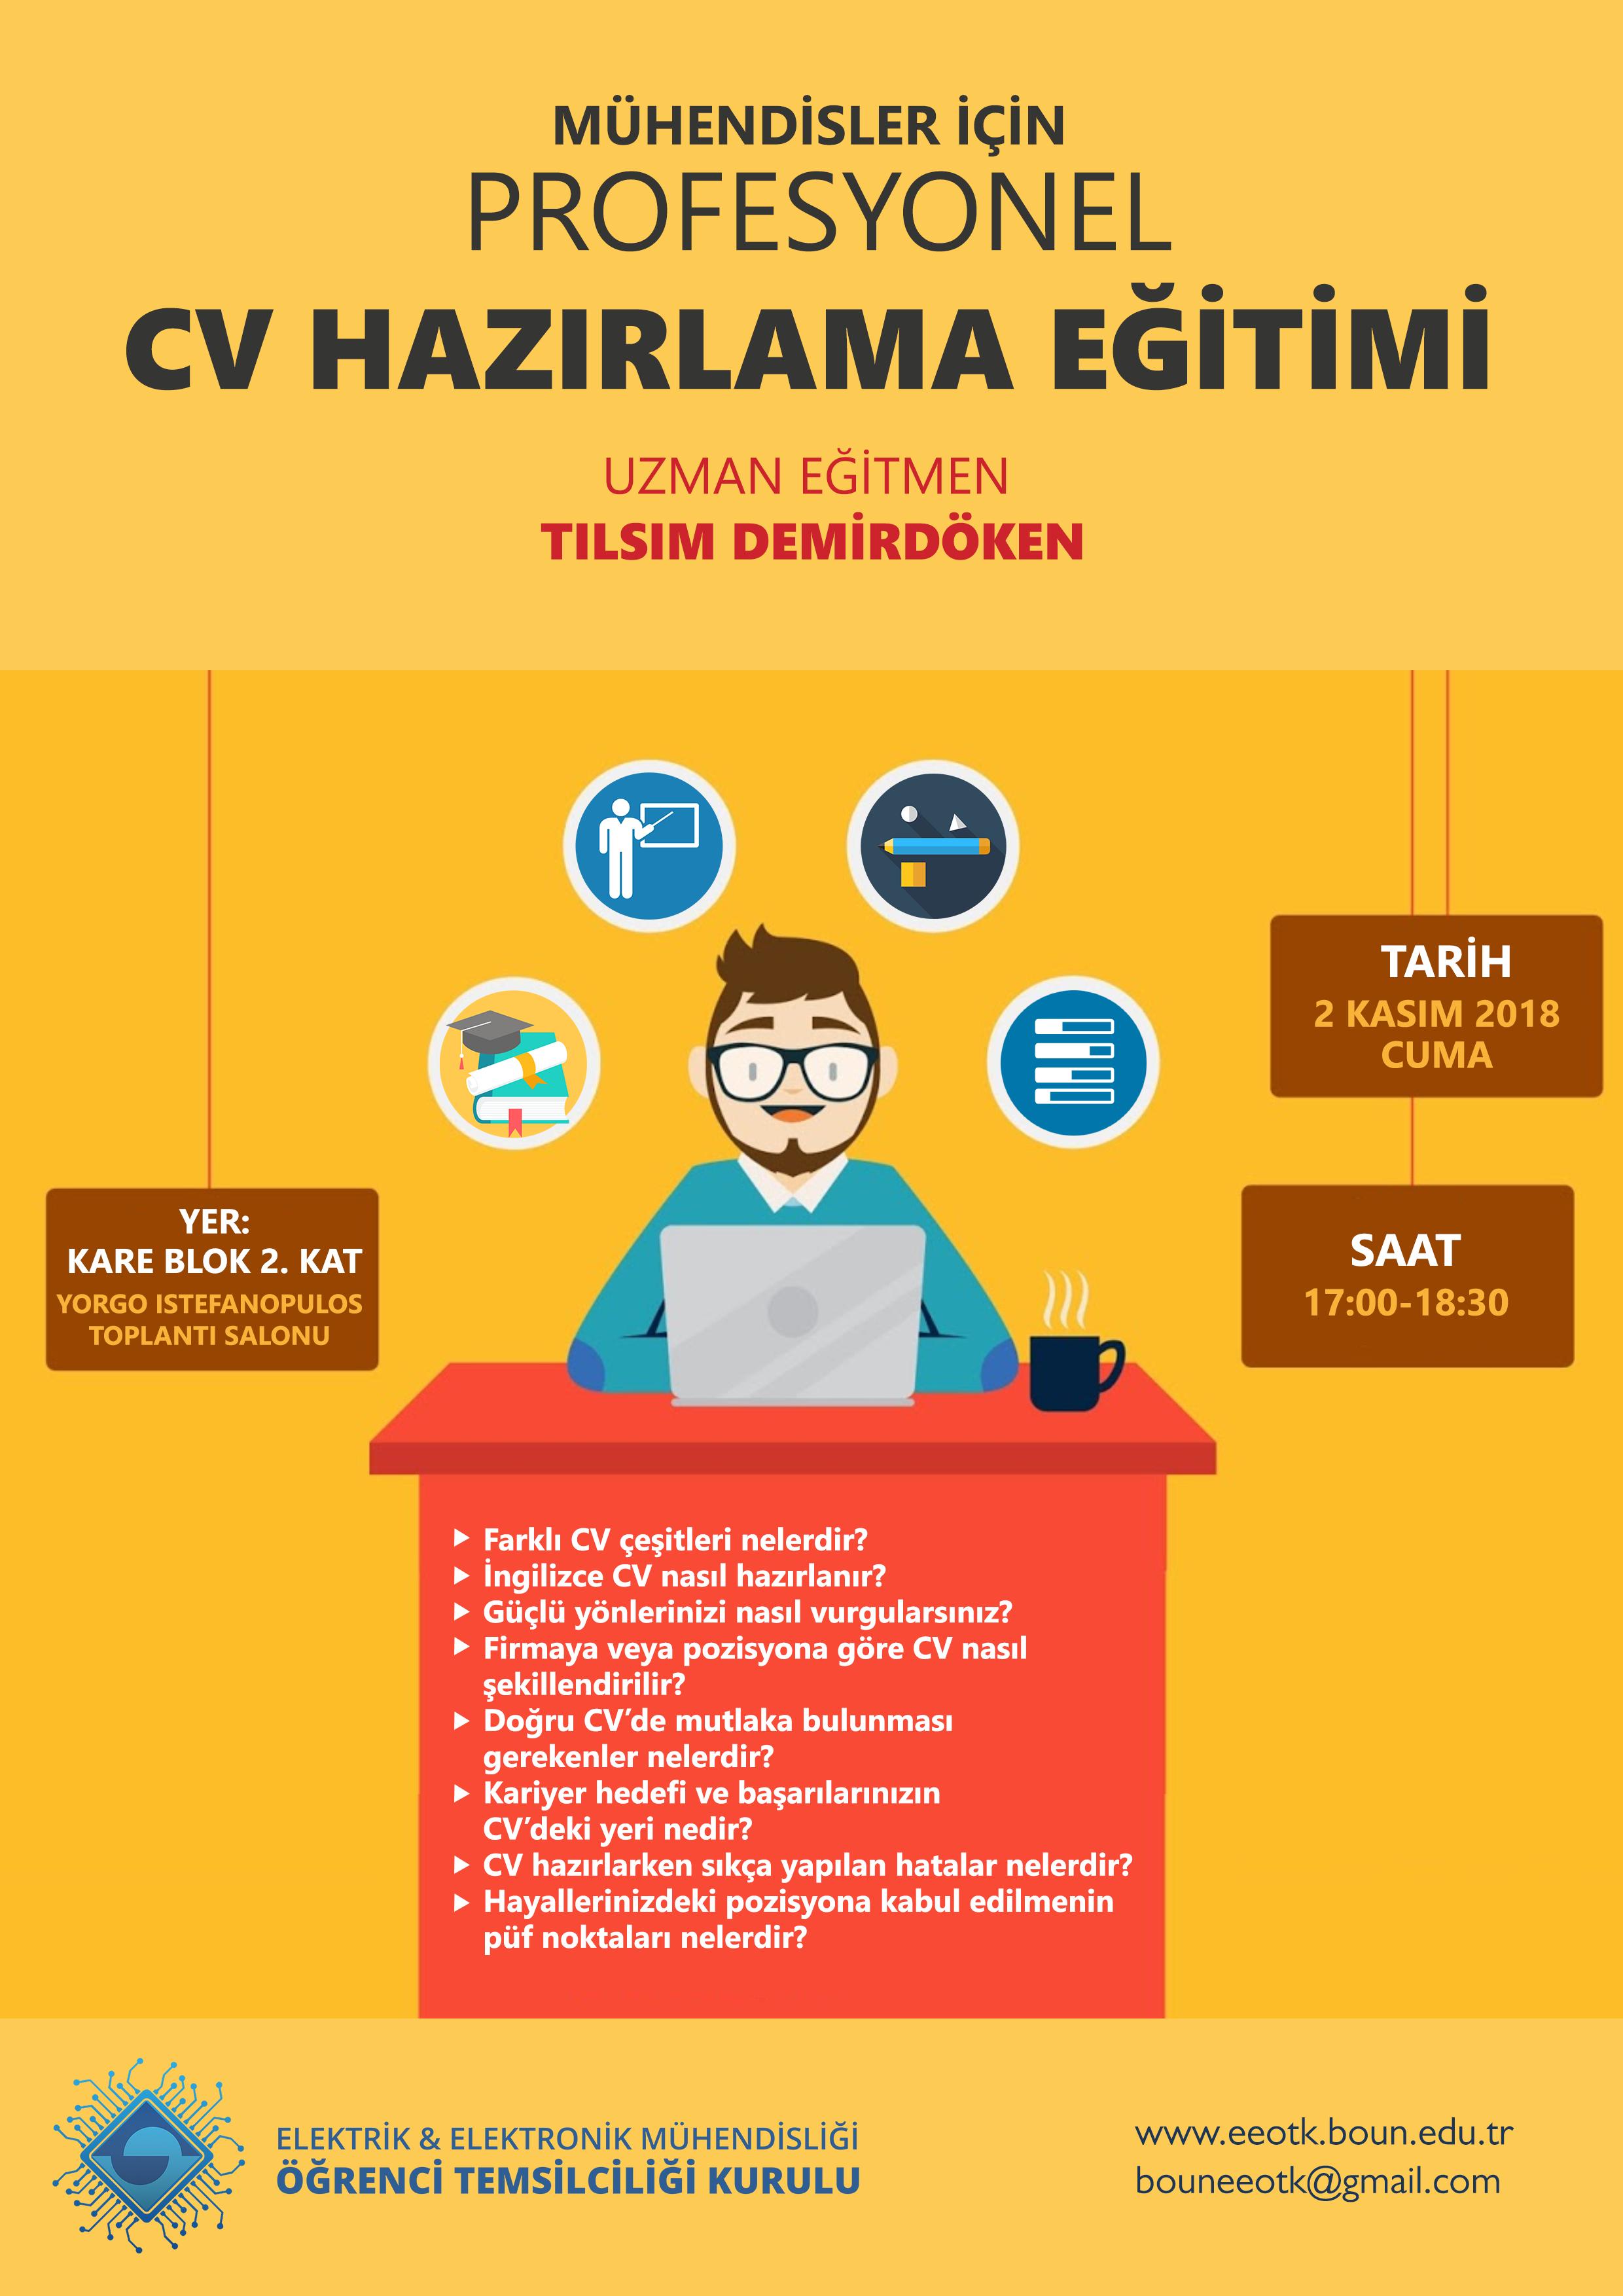 Profesyonel CV Hazırlama Eğitimi